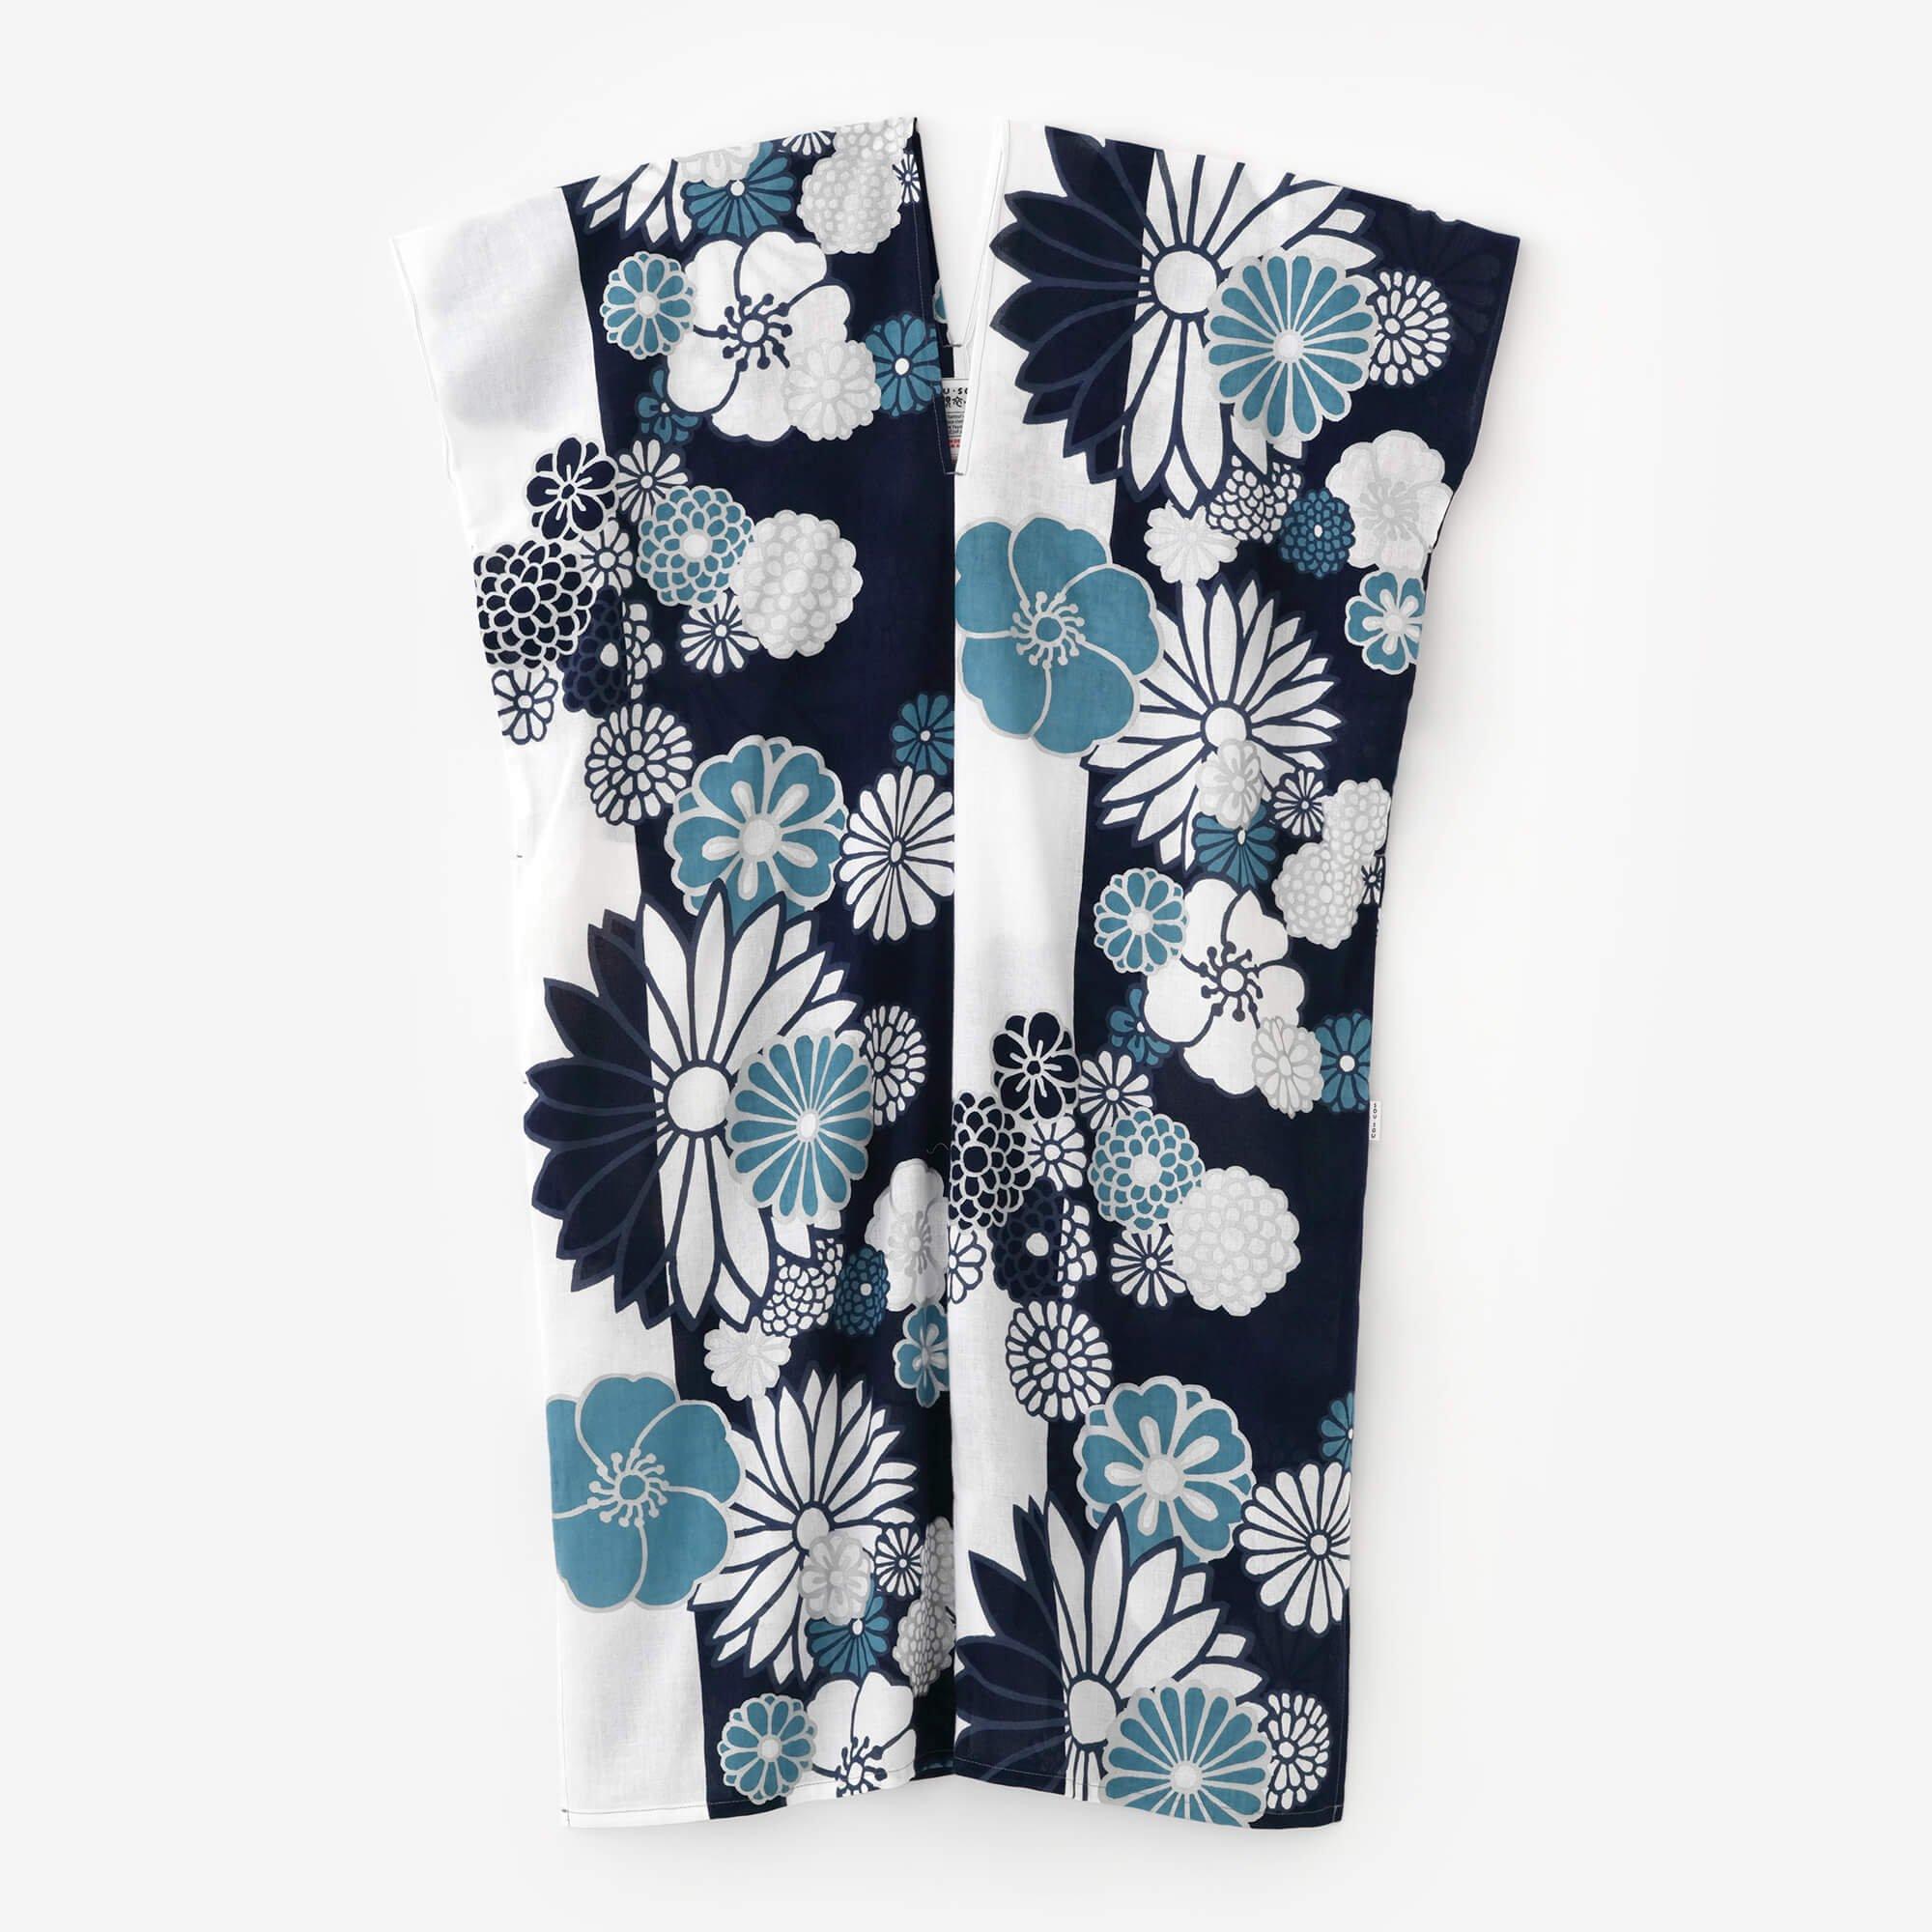 知多木綿 文 長方形衣/金襴緞子 涼(きんらんどんす りょう)